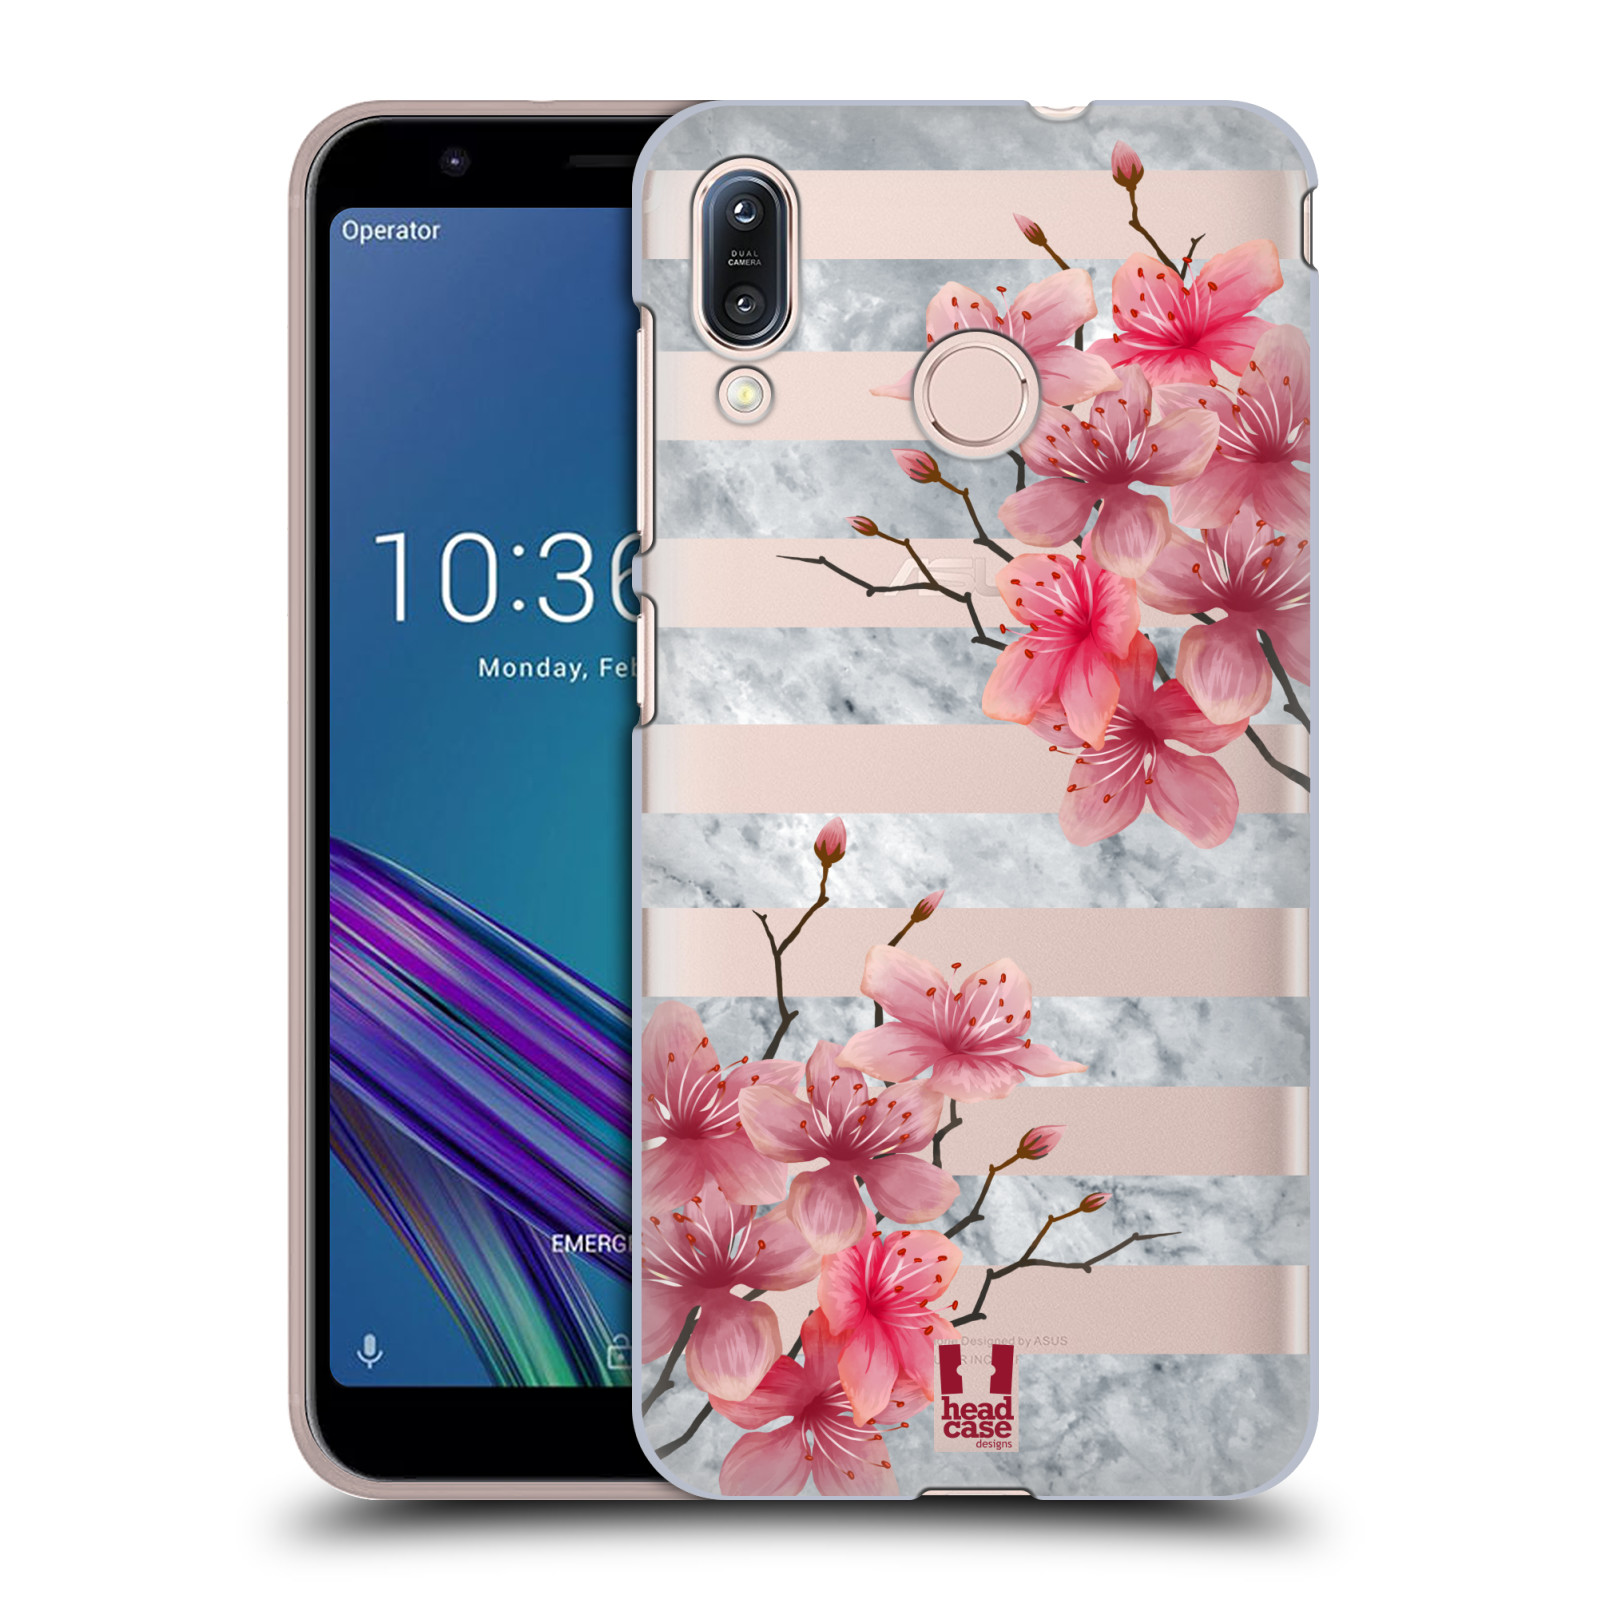 Pouzdro na mobil Asus Zenfone Max M1 (ZB555KL) - HEAD CASE - růžové květy v rozkvětu a mramor